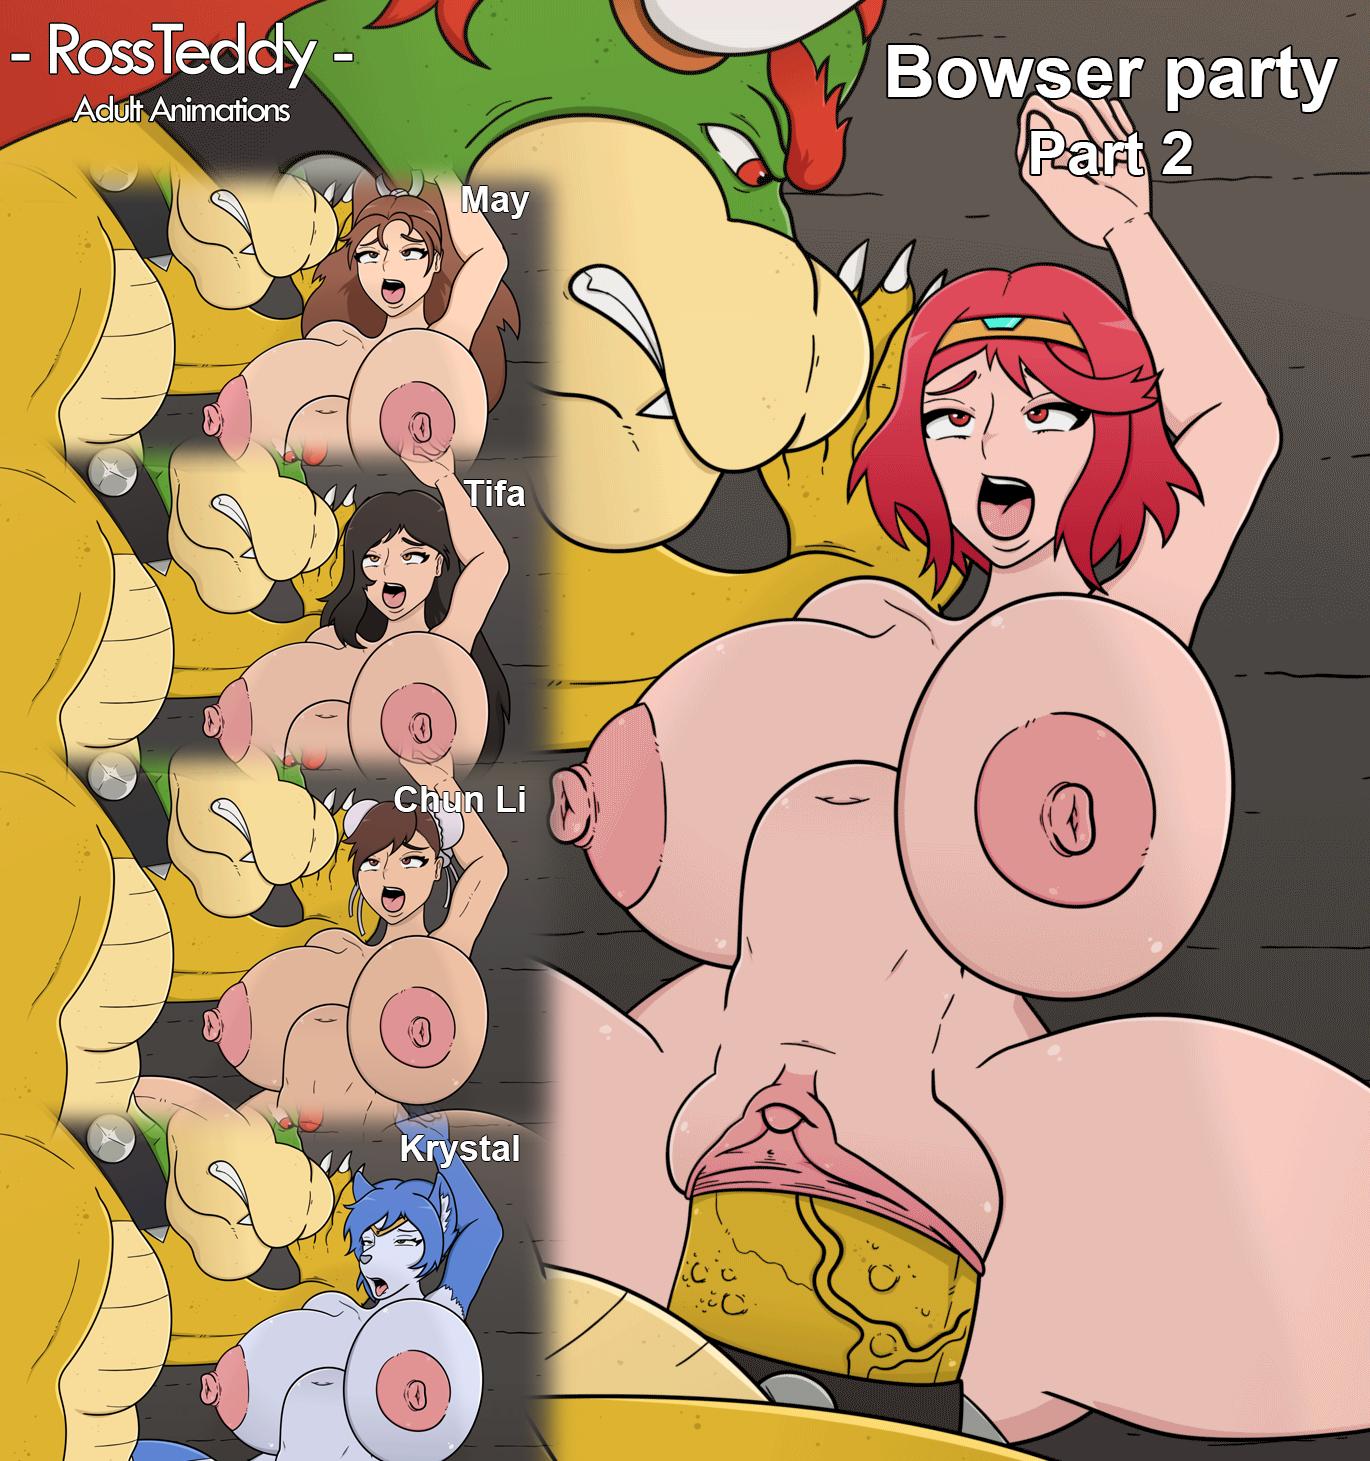 Bowser party PART 2